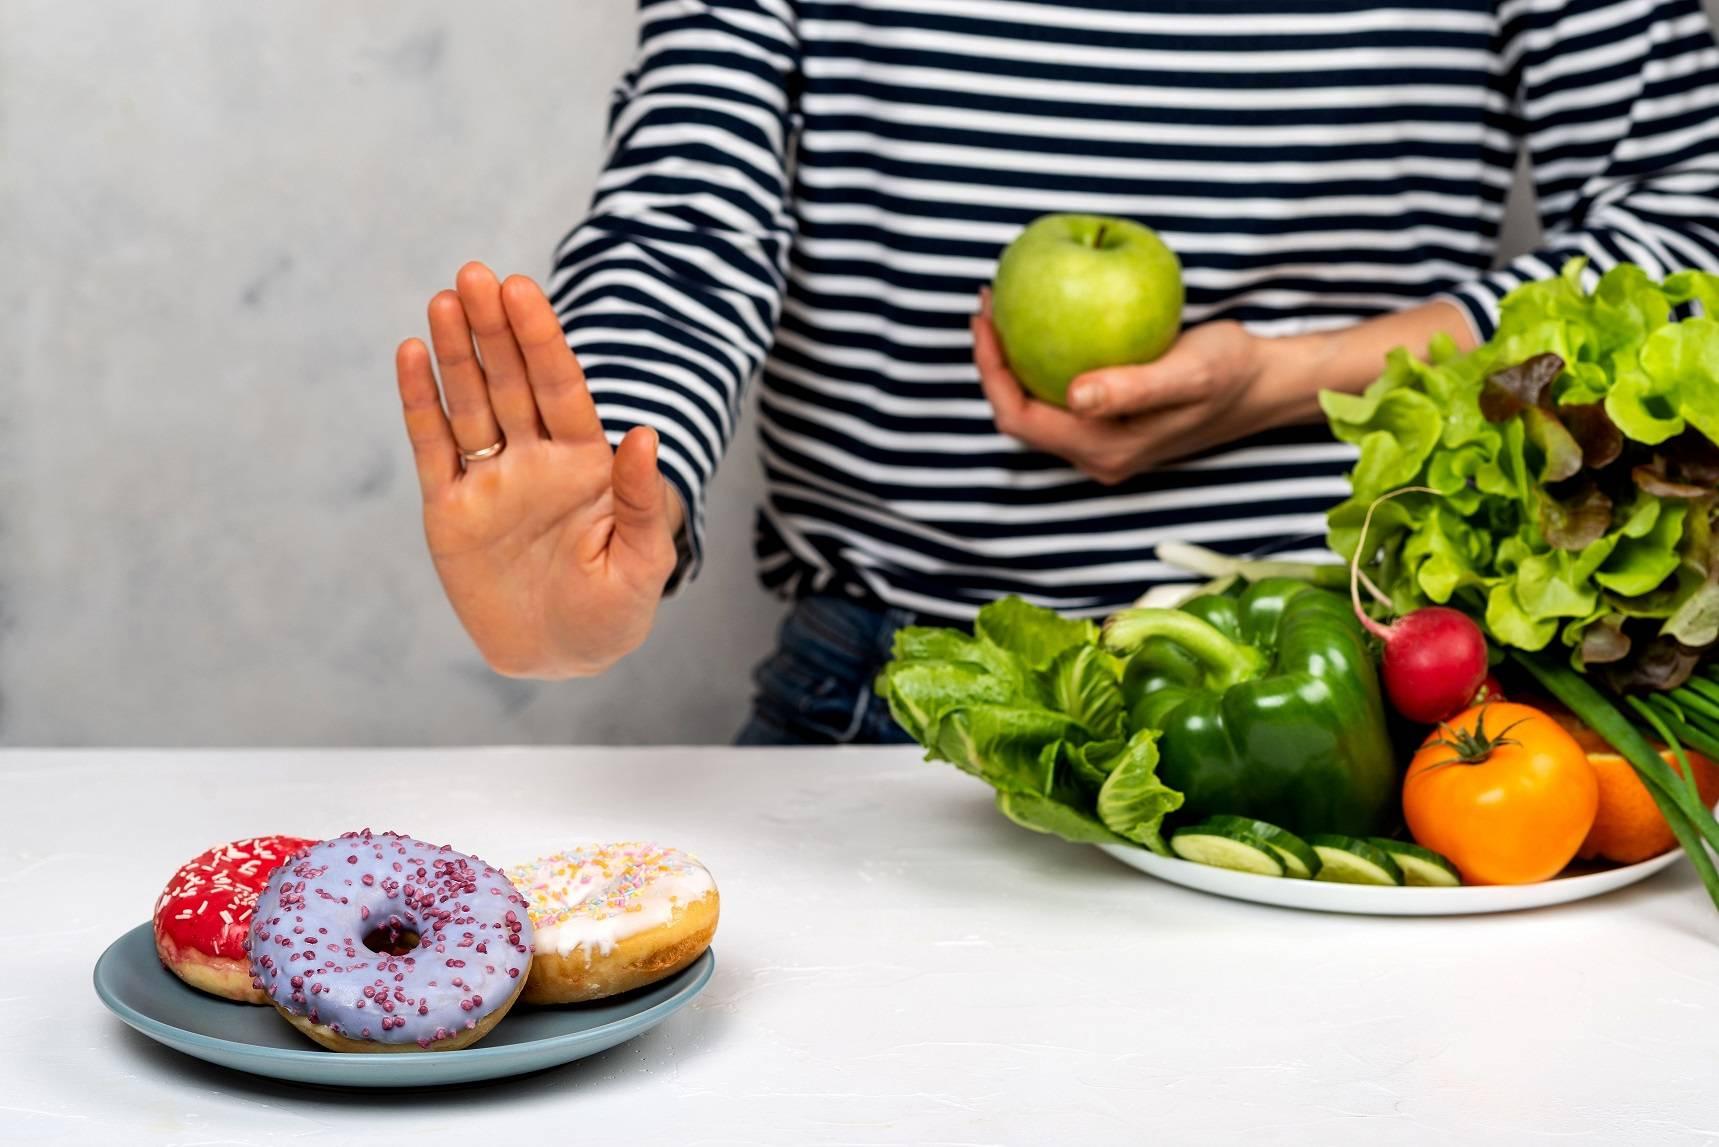 Zdravé stravovanie. Strašiak dnešnej doby?